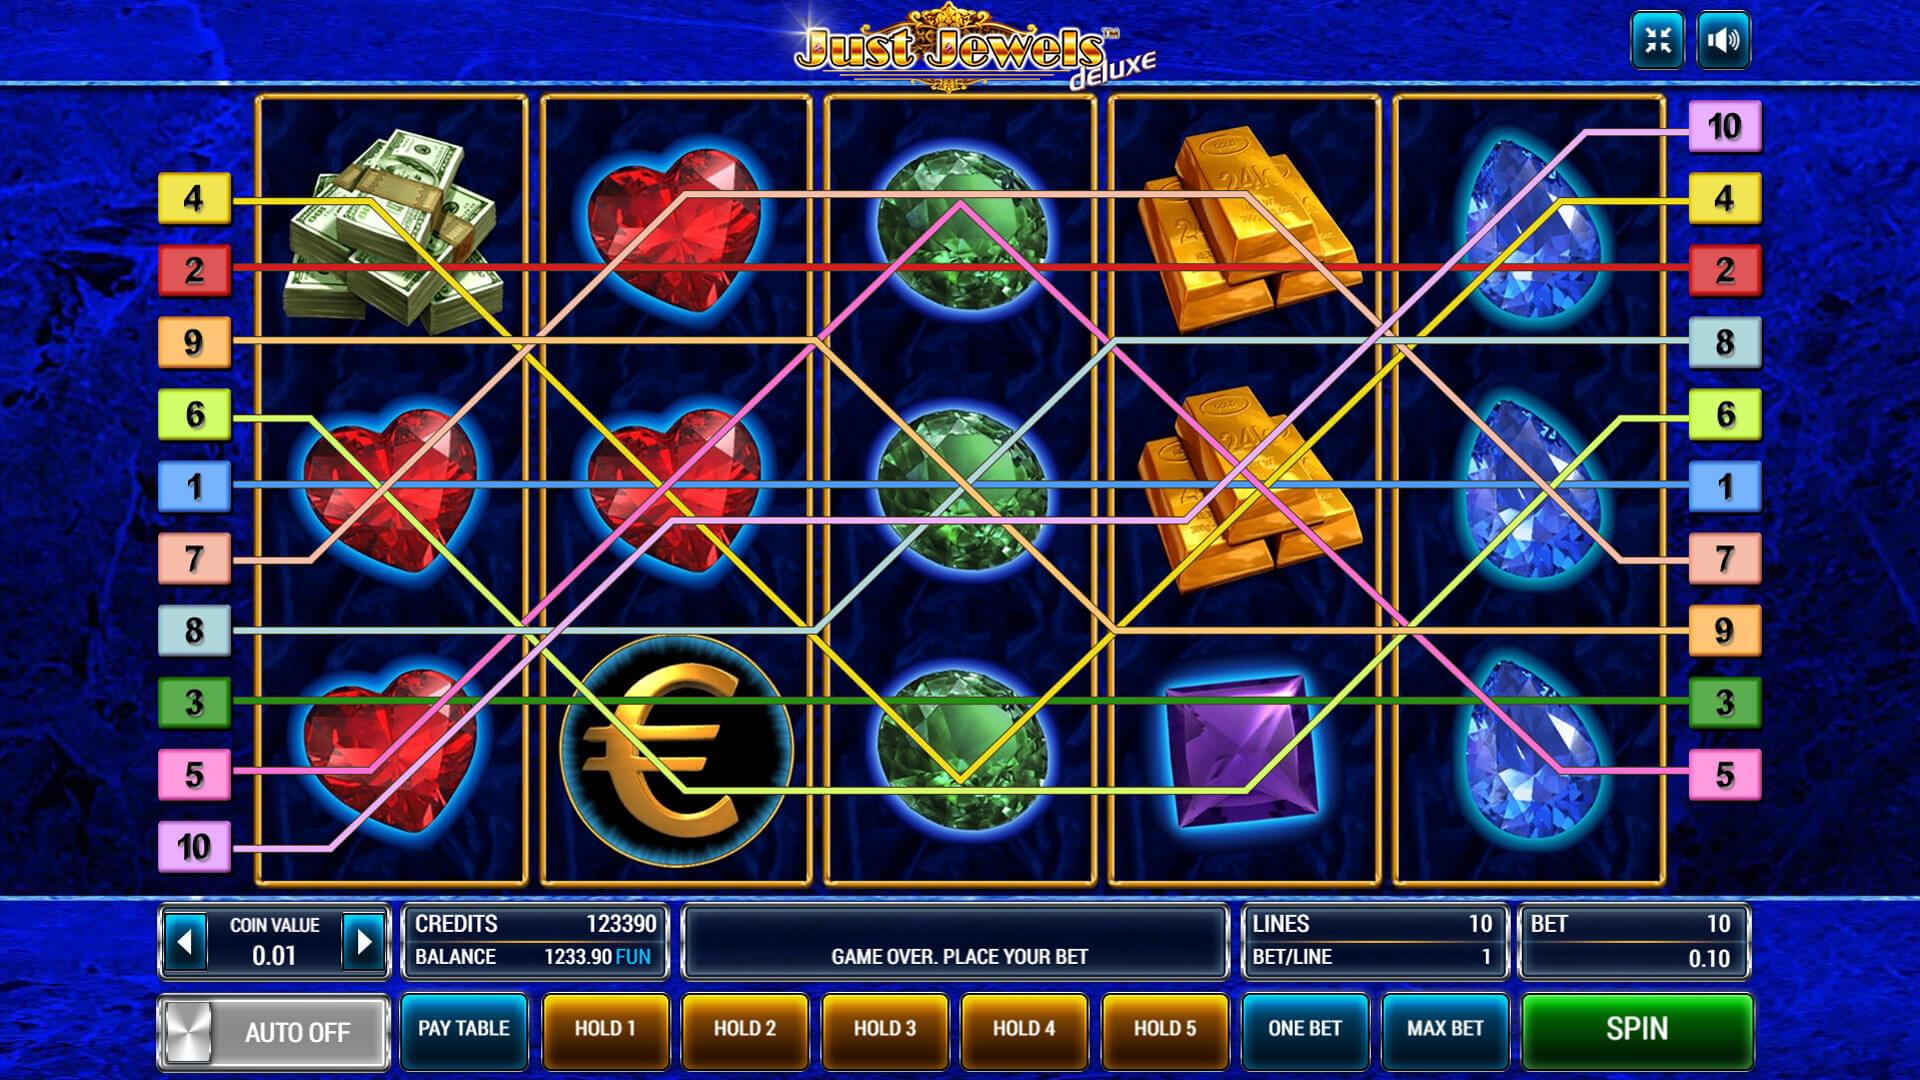 Изображение игрового автомата Just Jewels Deluxe 2